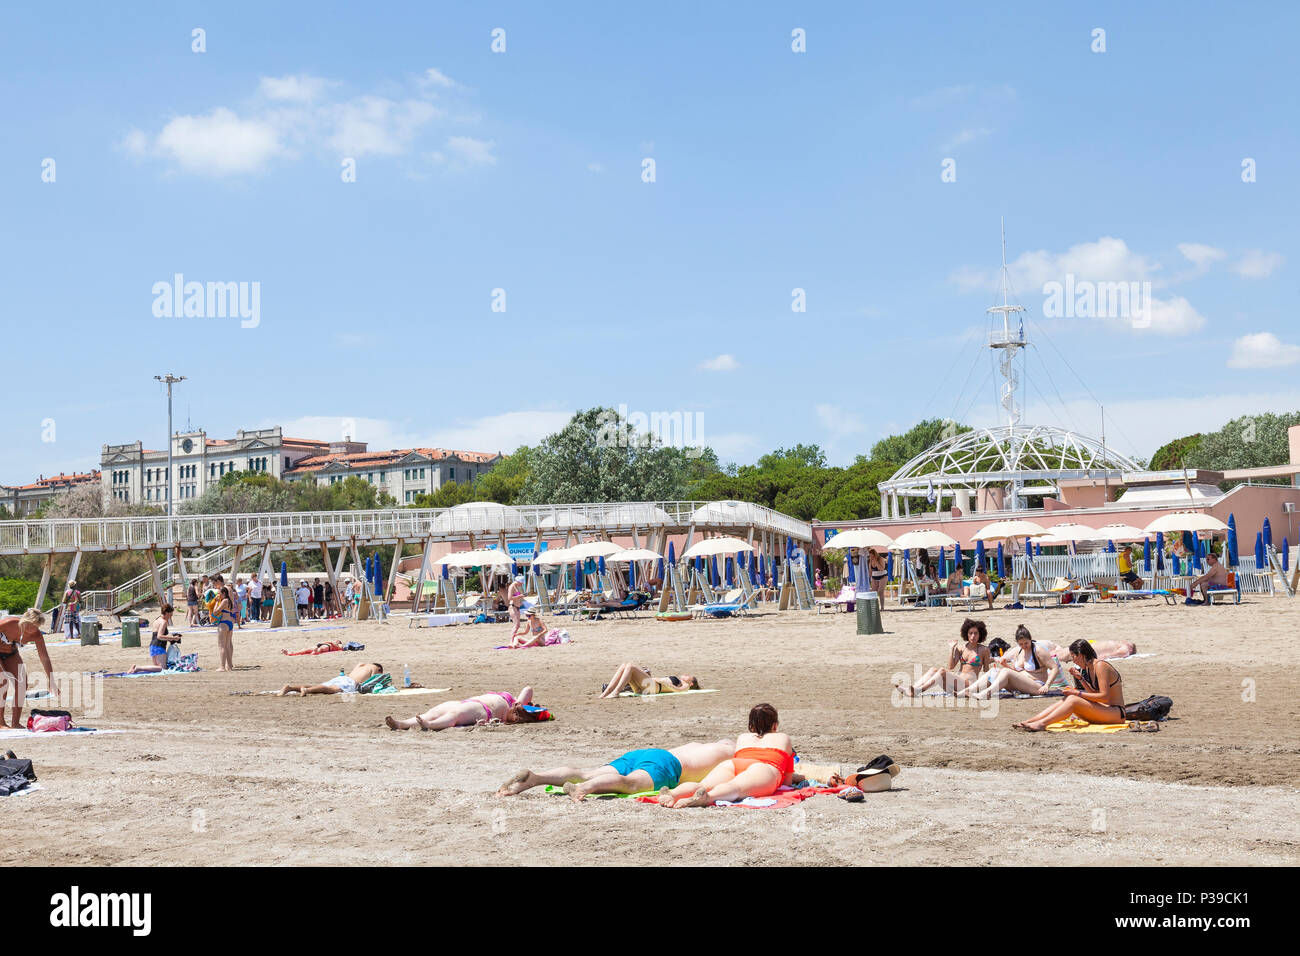 Las personas tomando el sol en la playa de Blue Moon, Lido di Venezia, a la Isla de Lido, Venecia, Véneto, Italia, en un soleado día de finales de primavera. Pier, restaurantes, observación Foto de stock